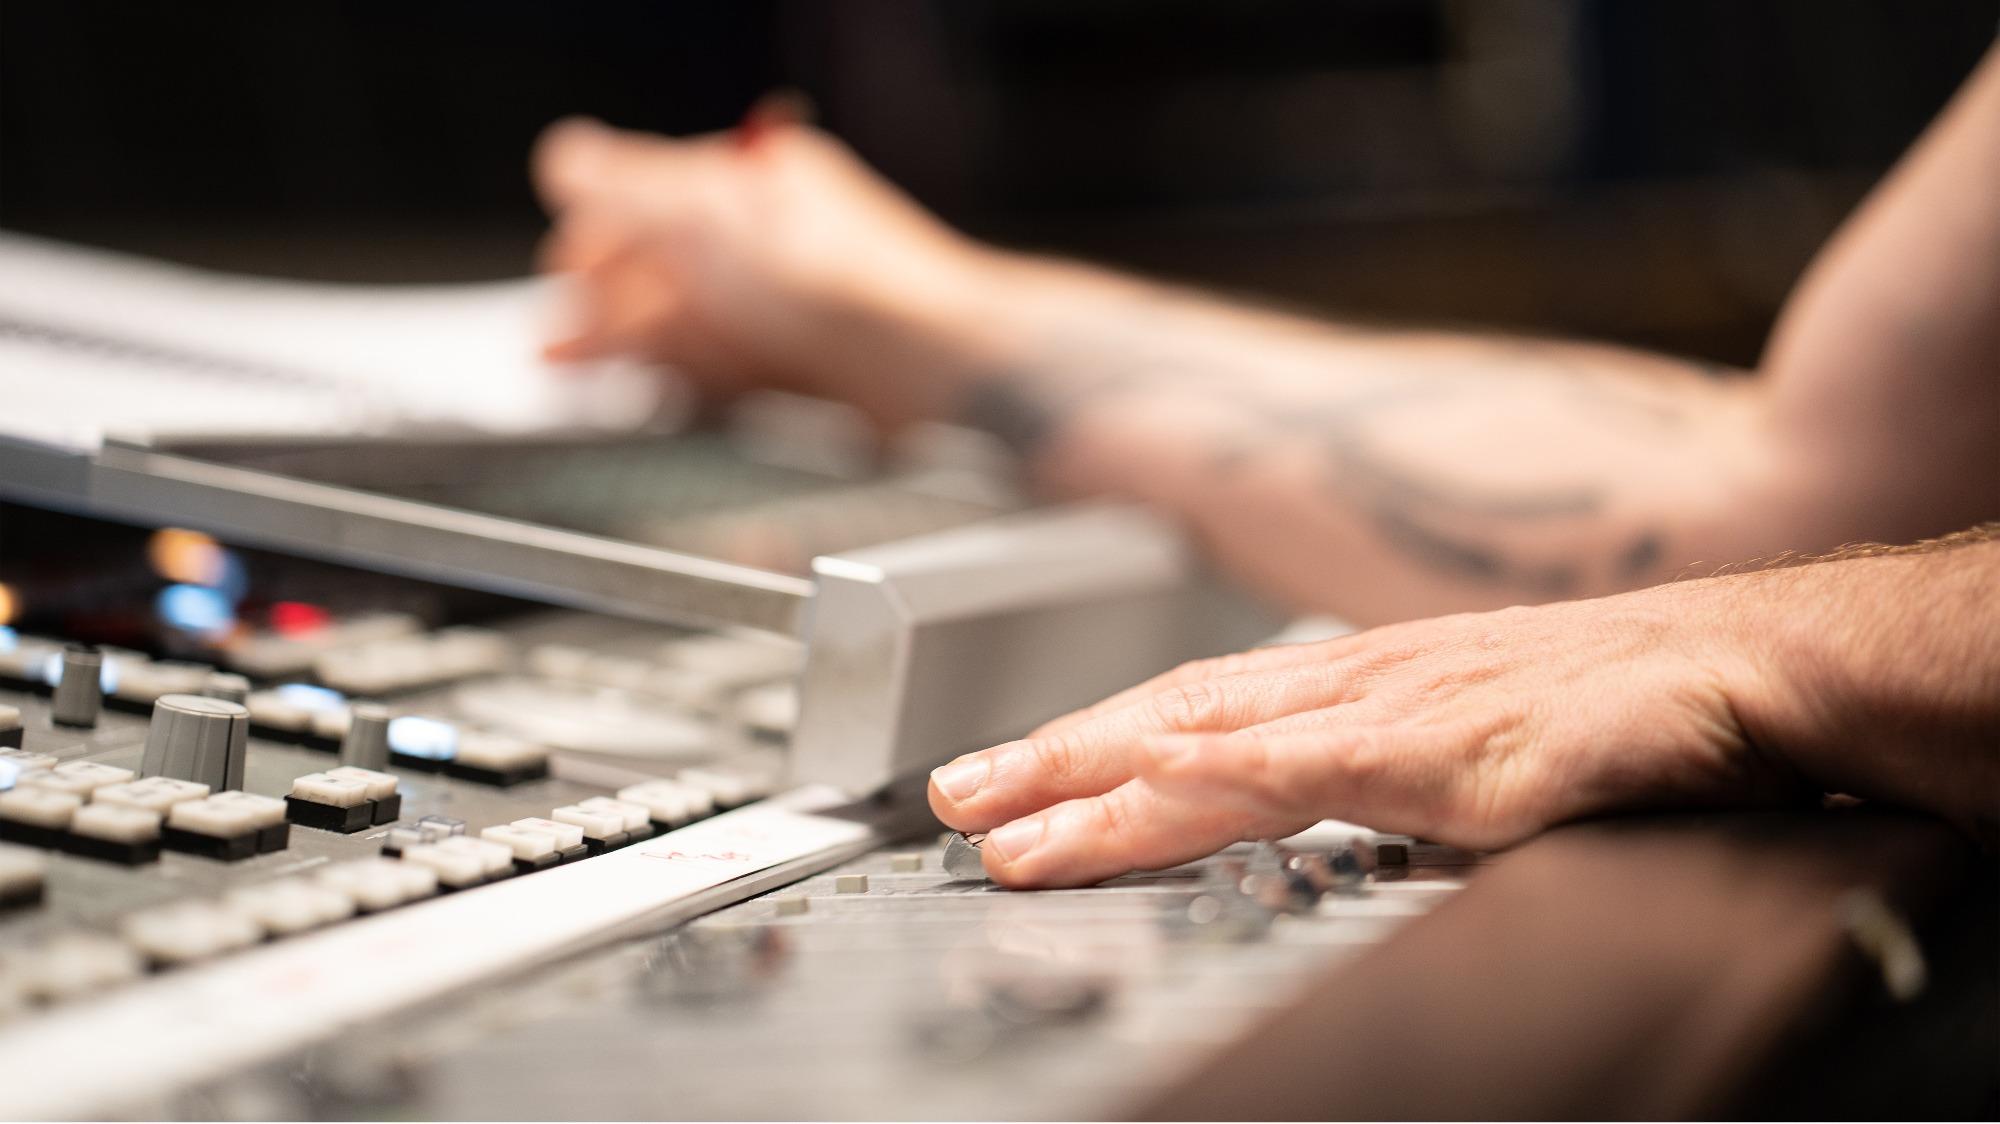 Mão em mesa de edição de som